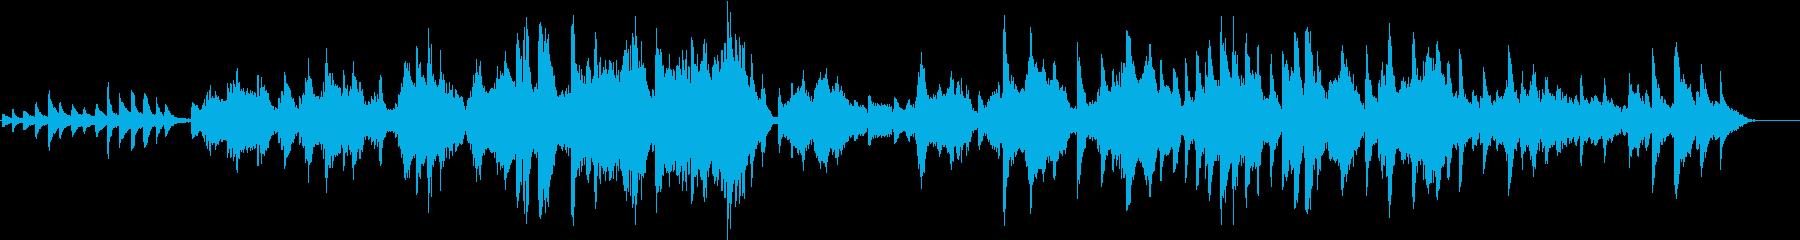 ピアノと弦楽器によるハーモニーの再生済みの波形